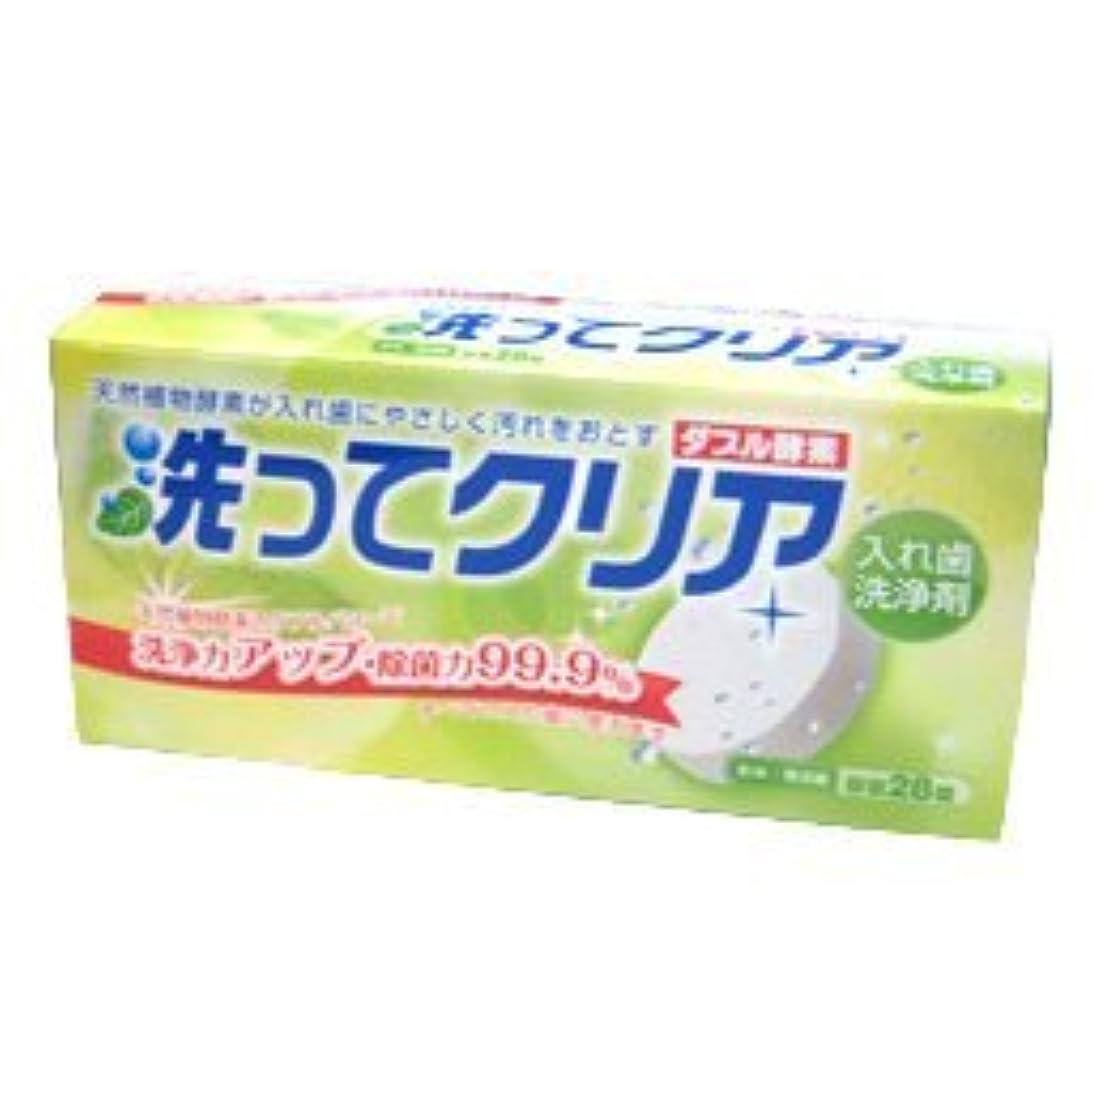 臭い農村買収東伸洋行株式会社 洗ってクリア ダブル酵素 28錠 入れ歯洗浄剤